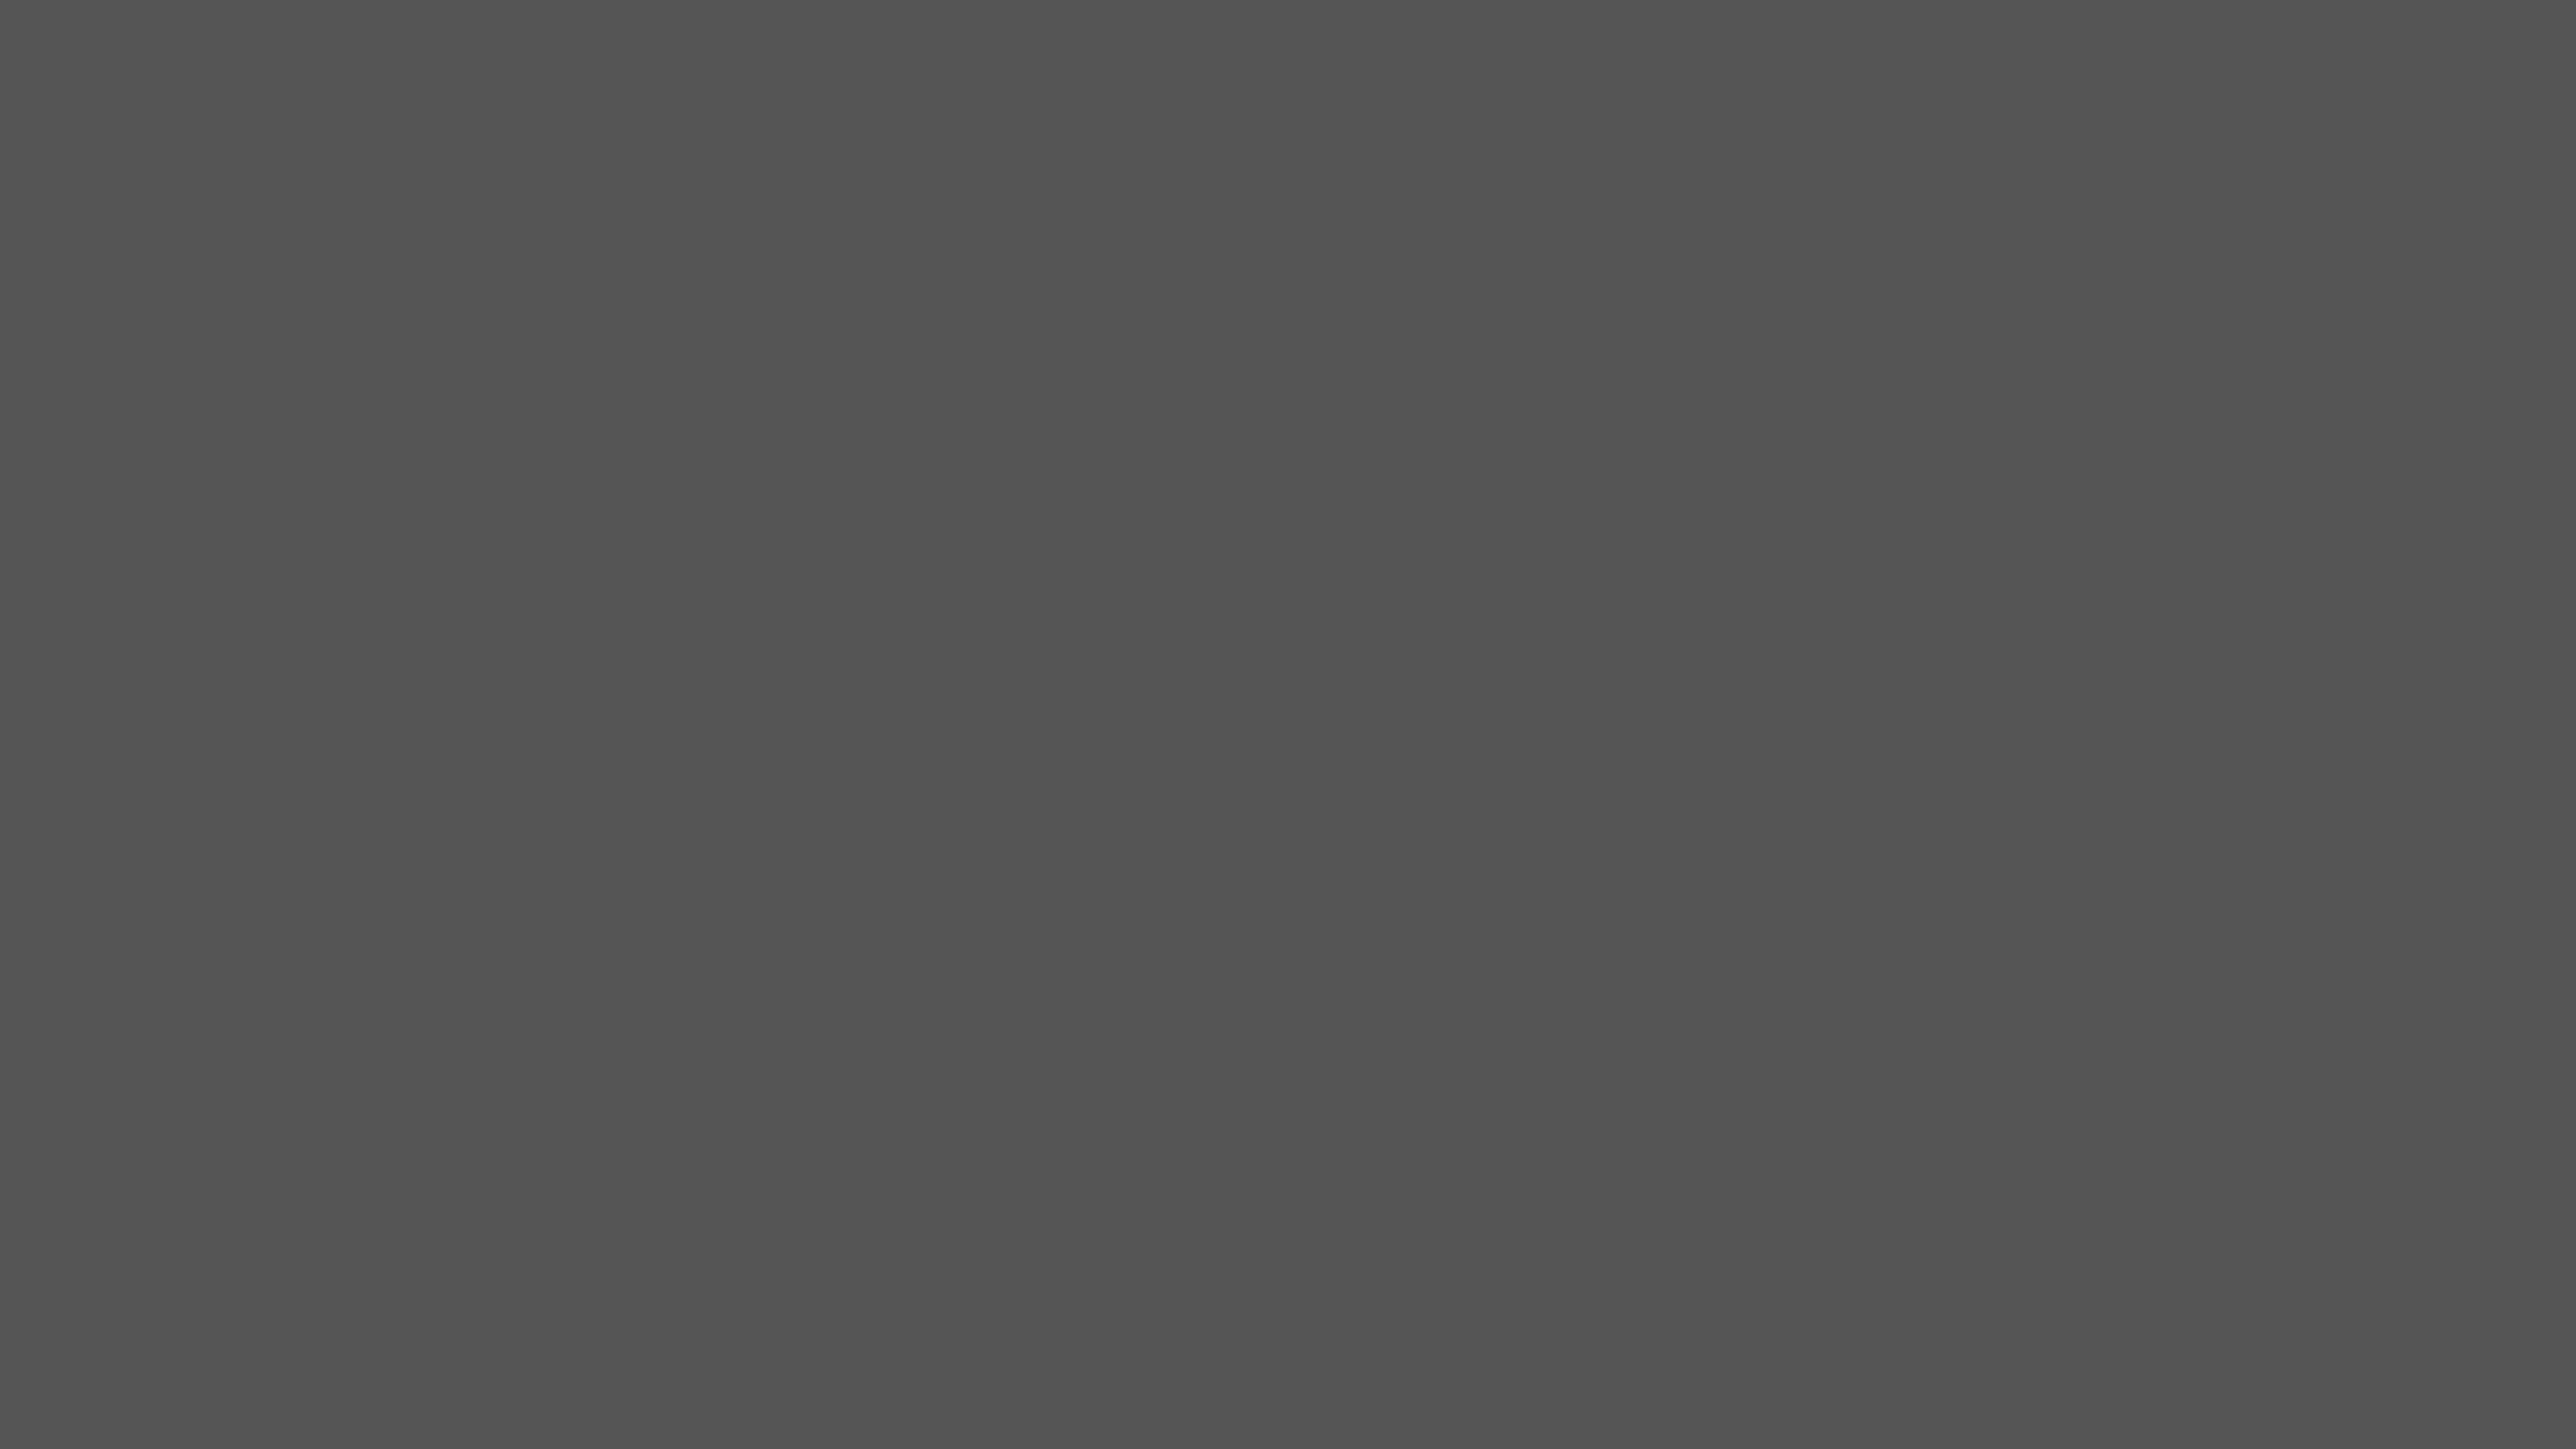 davys grey solid color background wallpaper 5120x2880. Black Bedroom Furniture Sets. Home Design Ideas